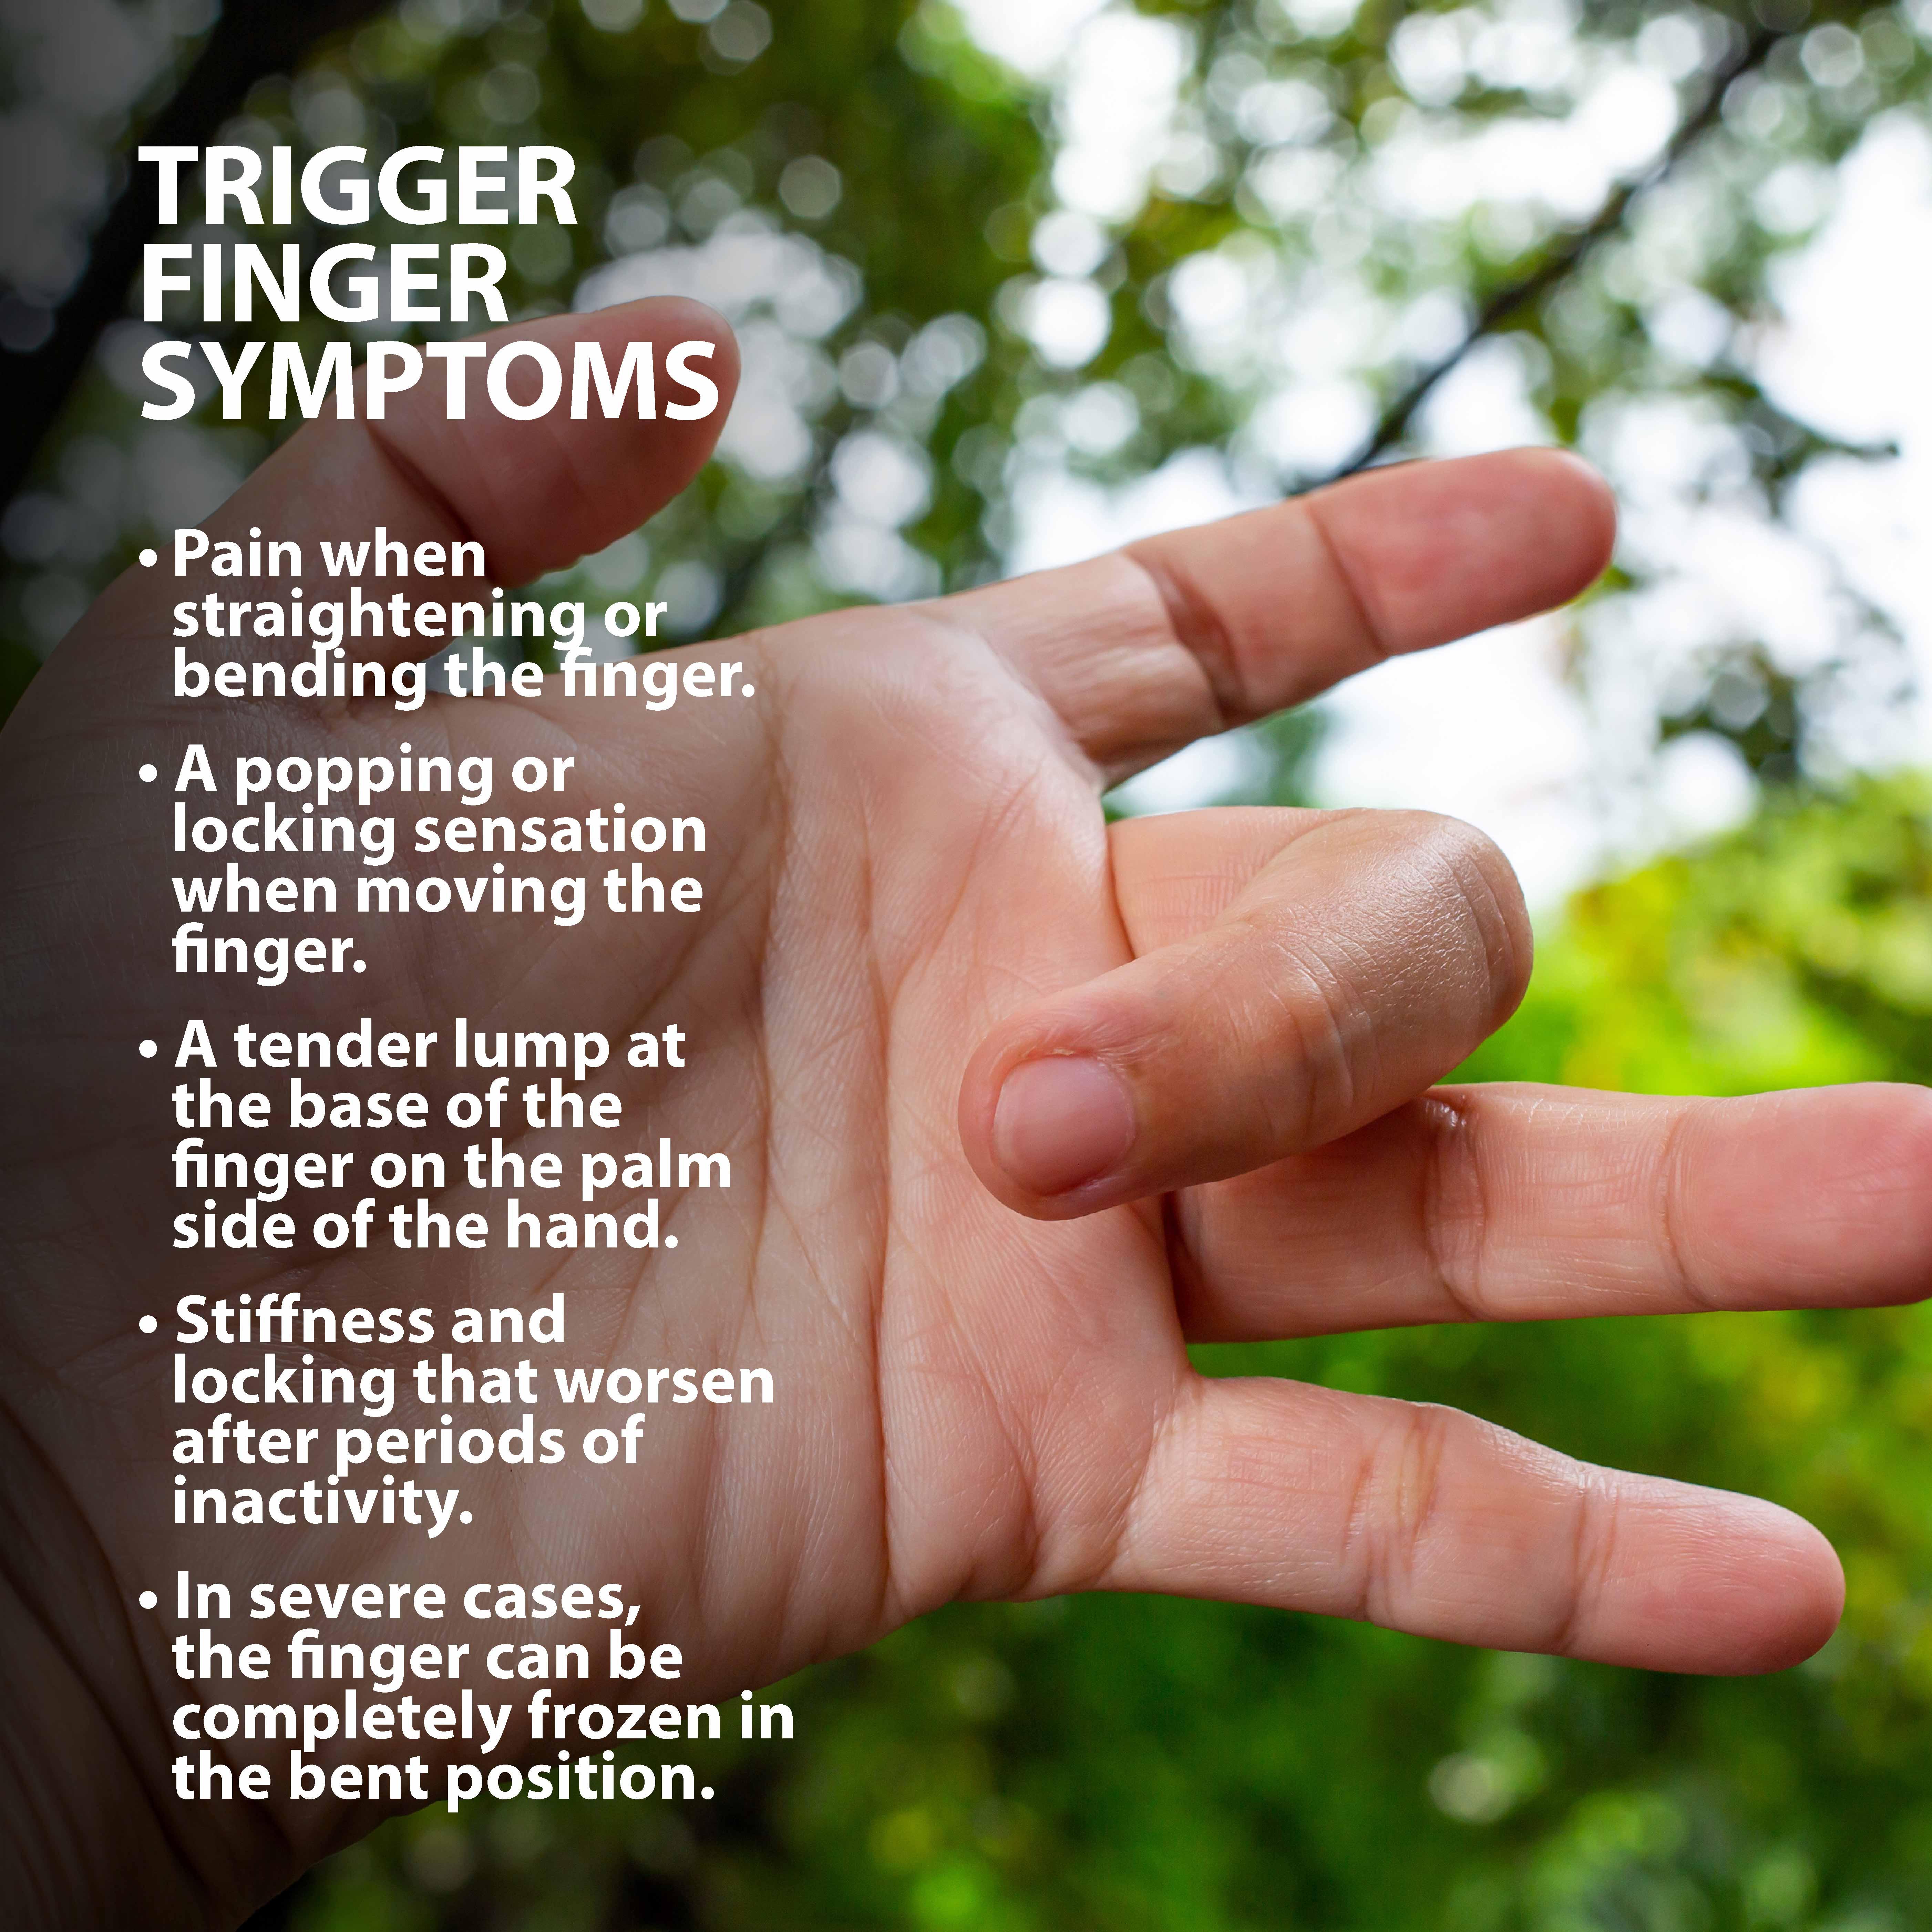 Trigger finger information graphic